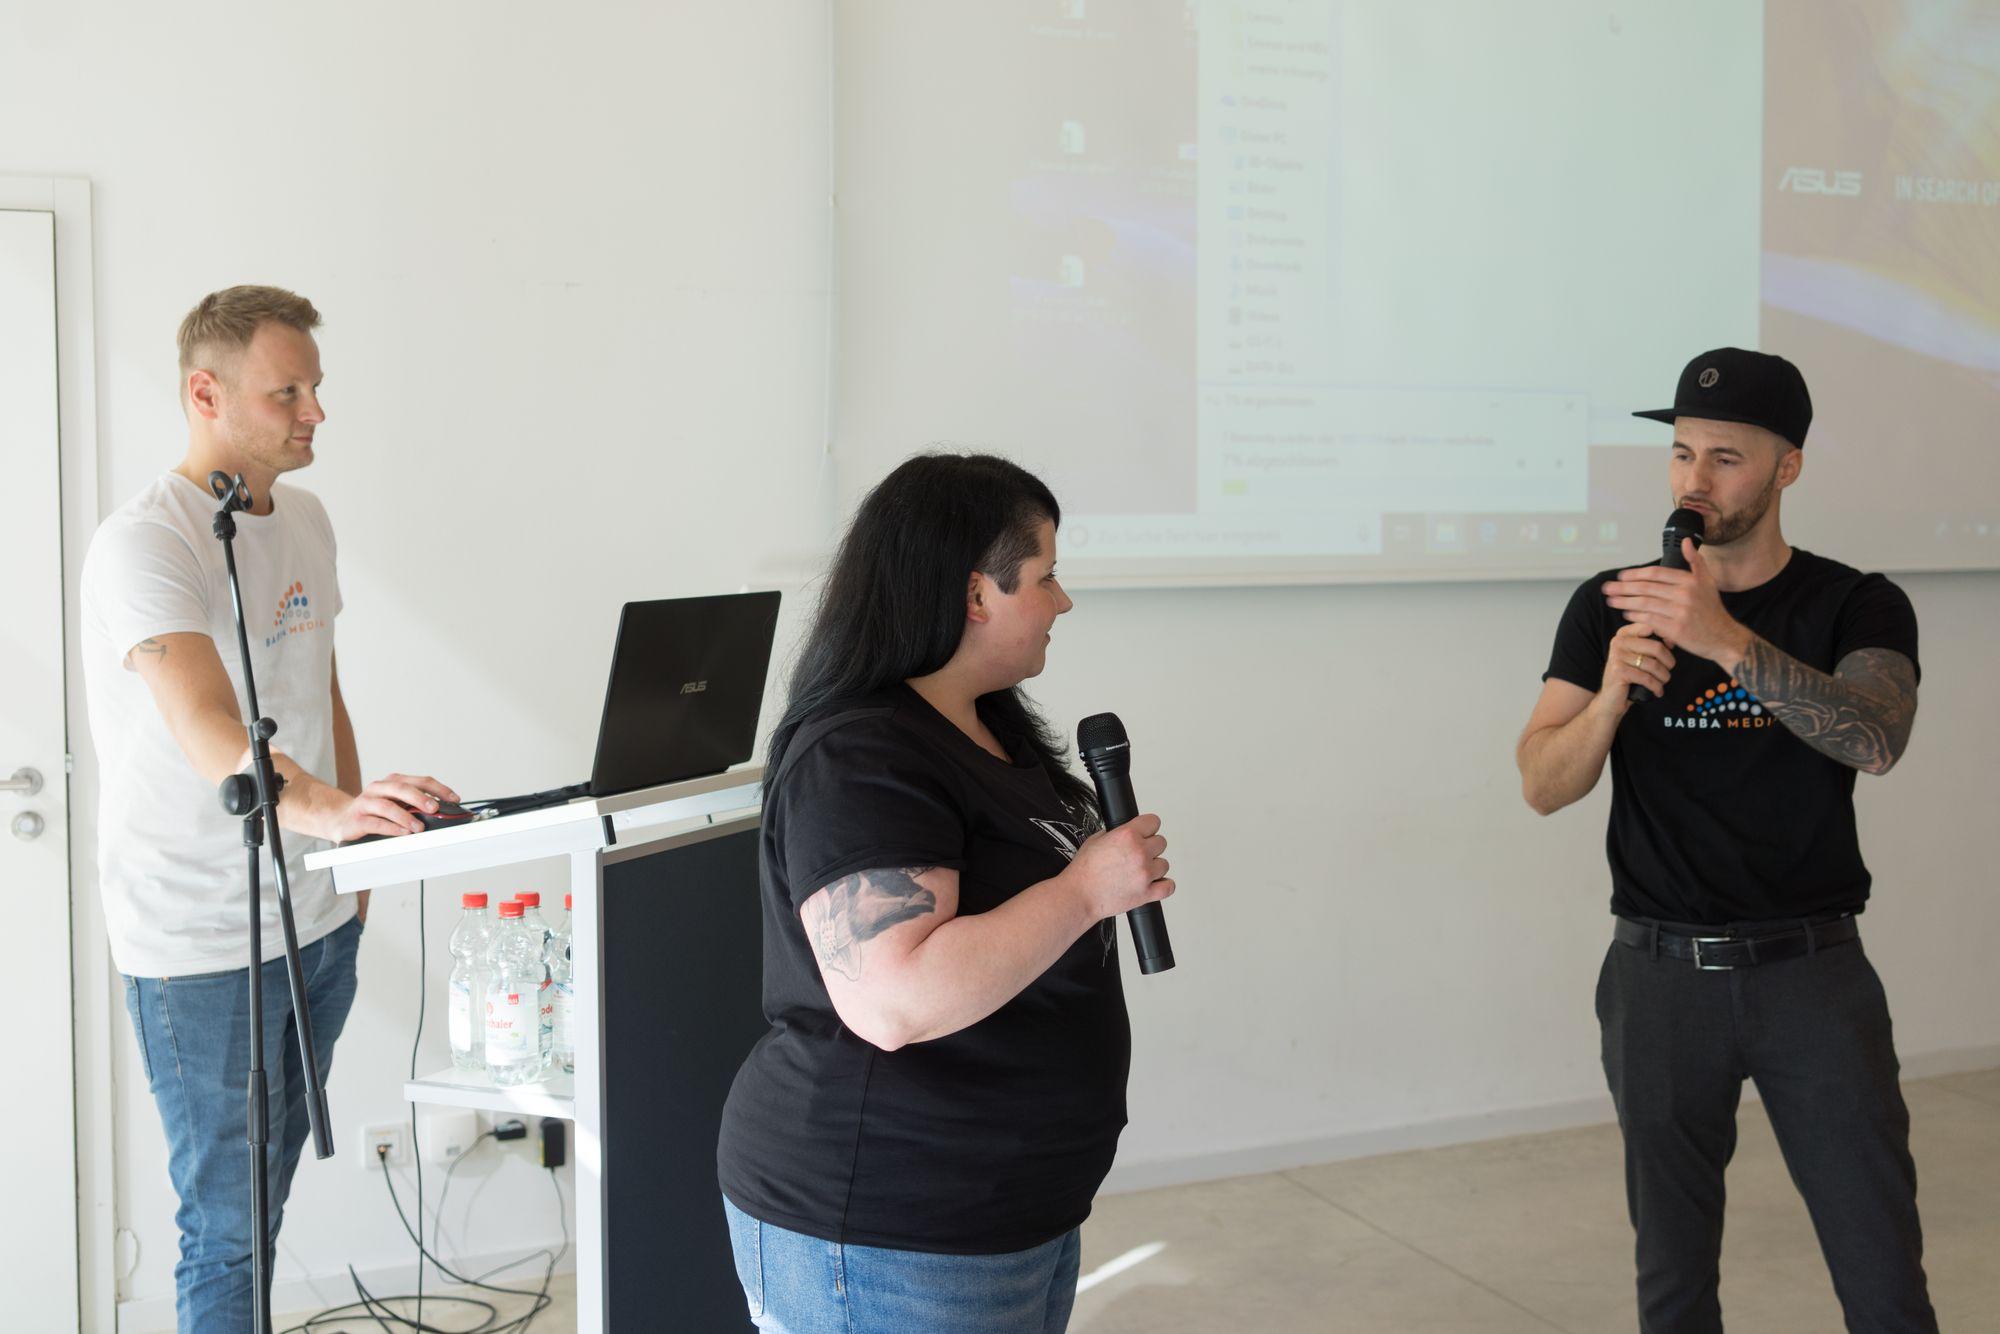 Katharina Kislewski als Sprecher mit Daniel Hauber und Stefan Beier auf dem Babba Business Day 2019 in Großostheim